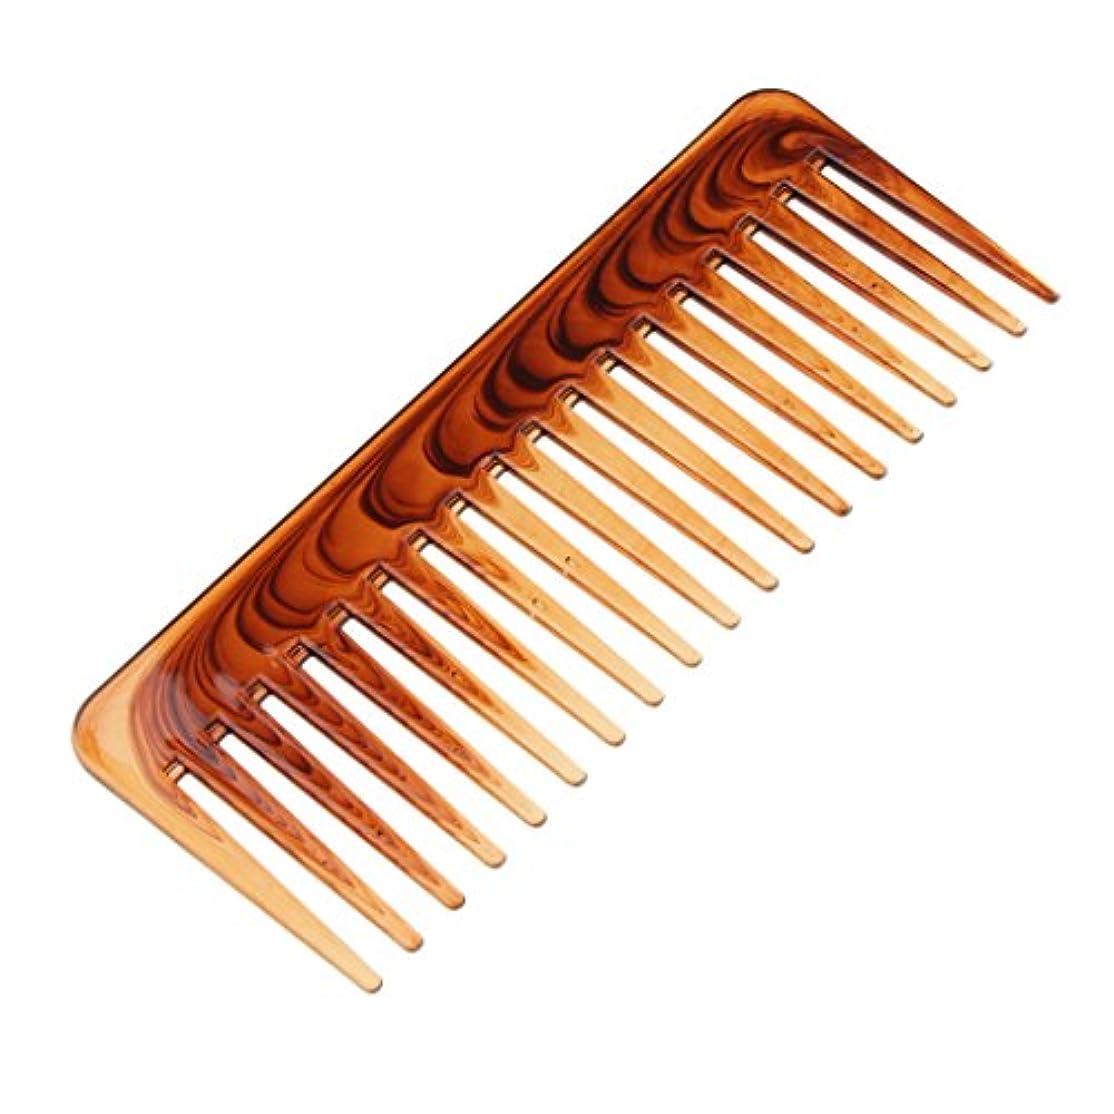 ガムロシア主張Injoyo 19歯帯電防止髪のもつれをとかす櫛理髪店カット髪スタイリングブラシ